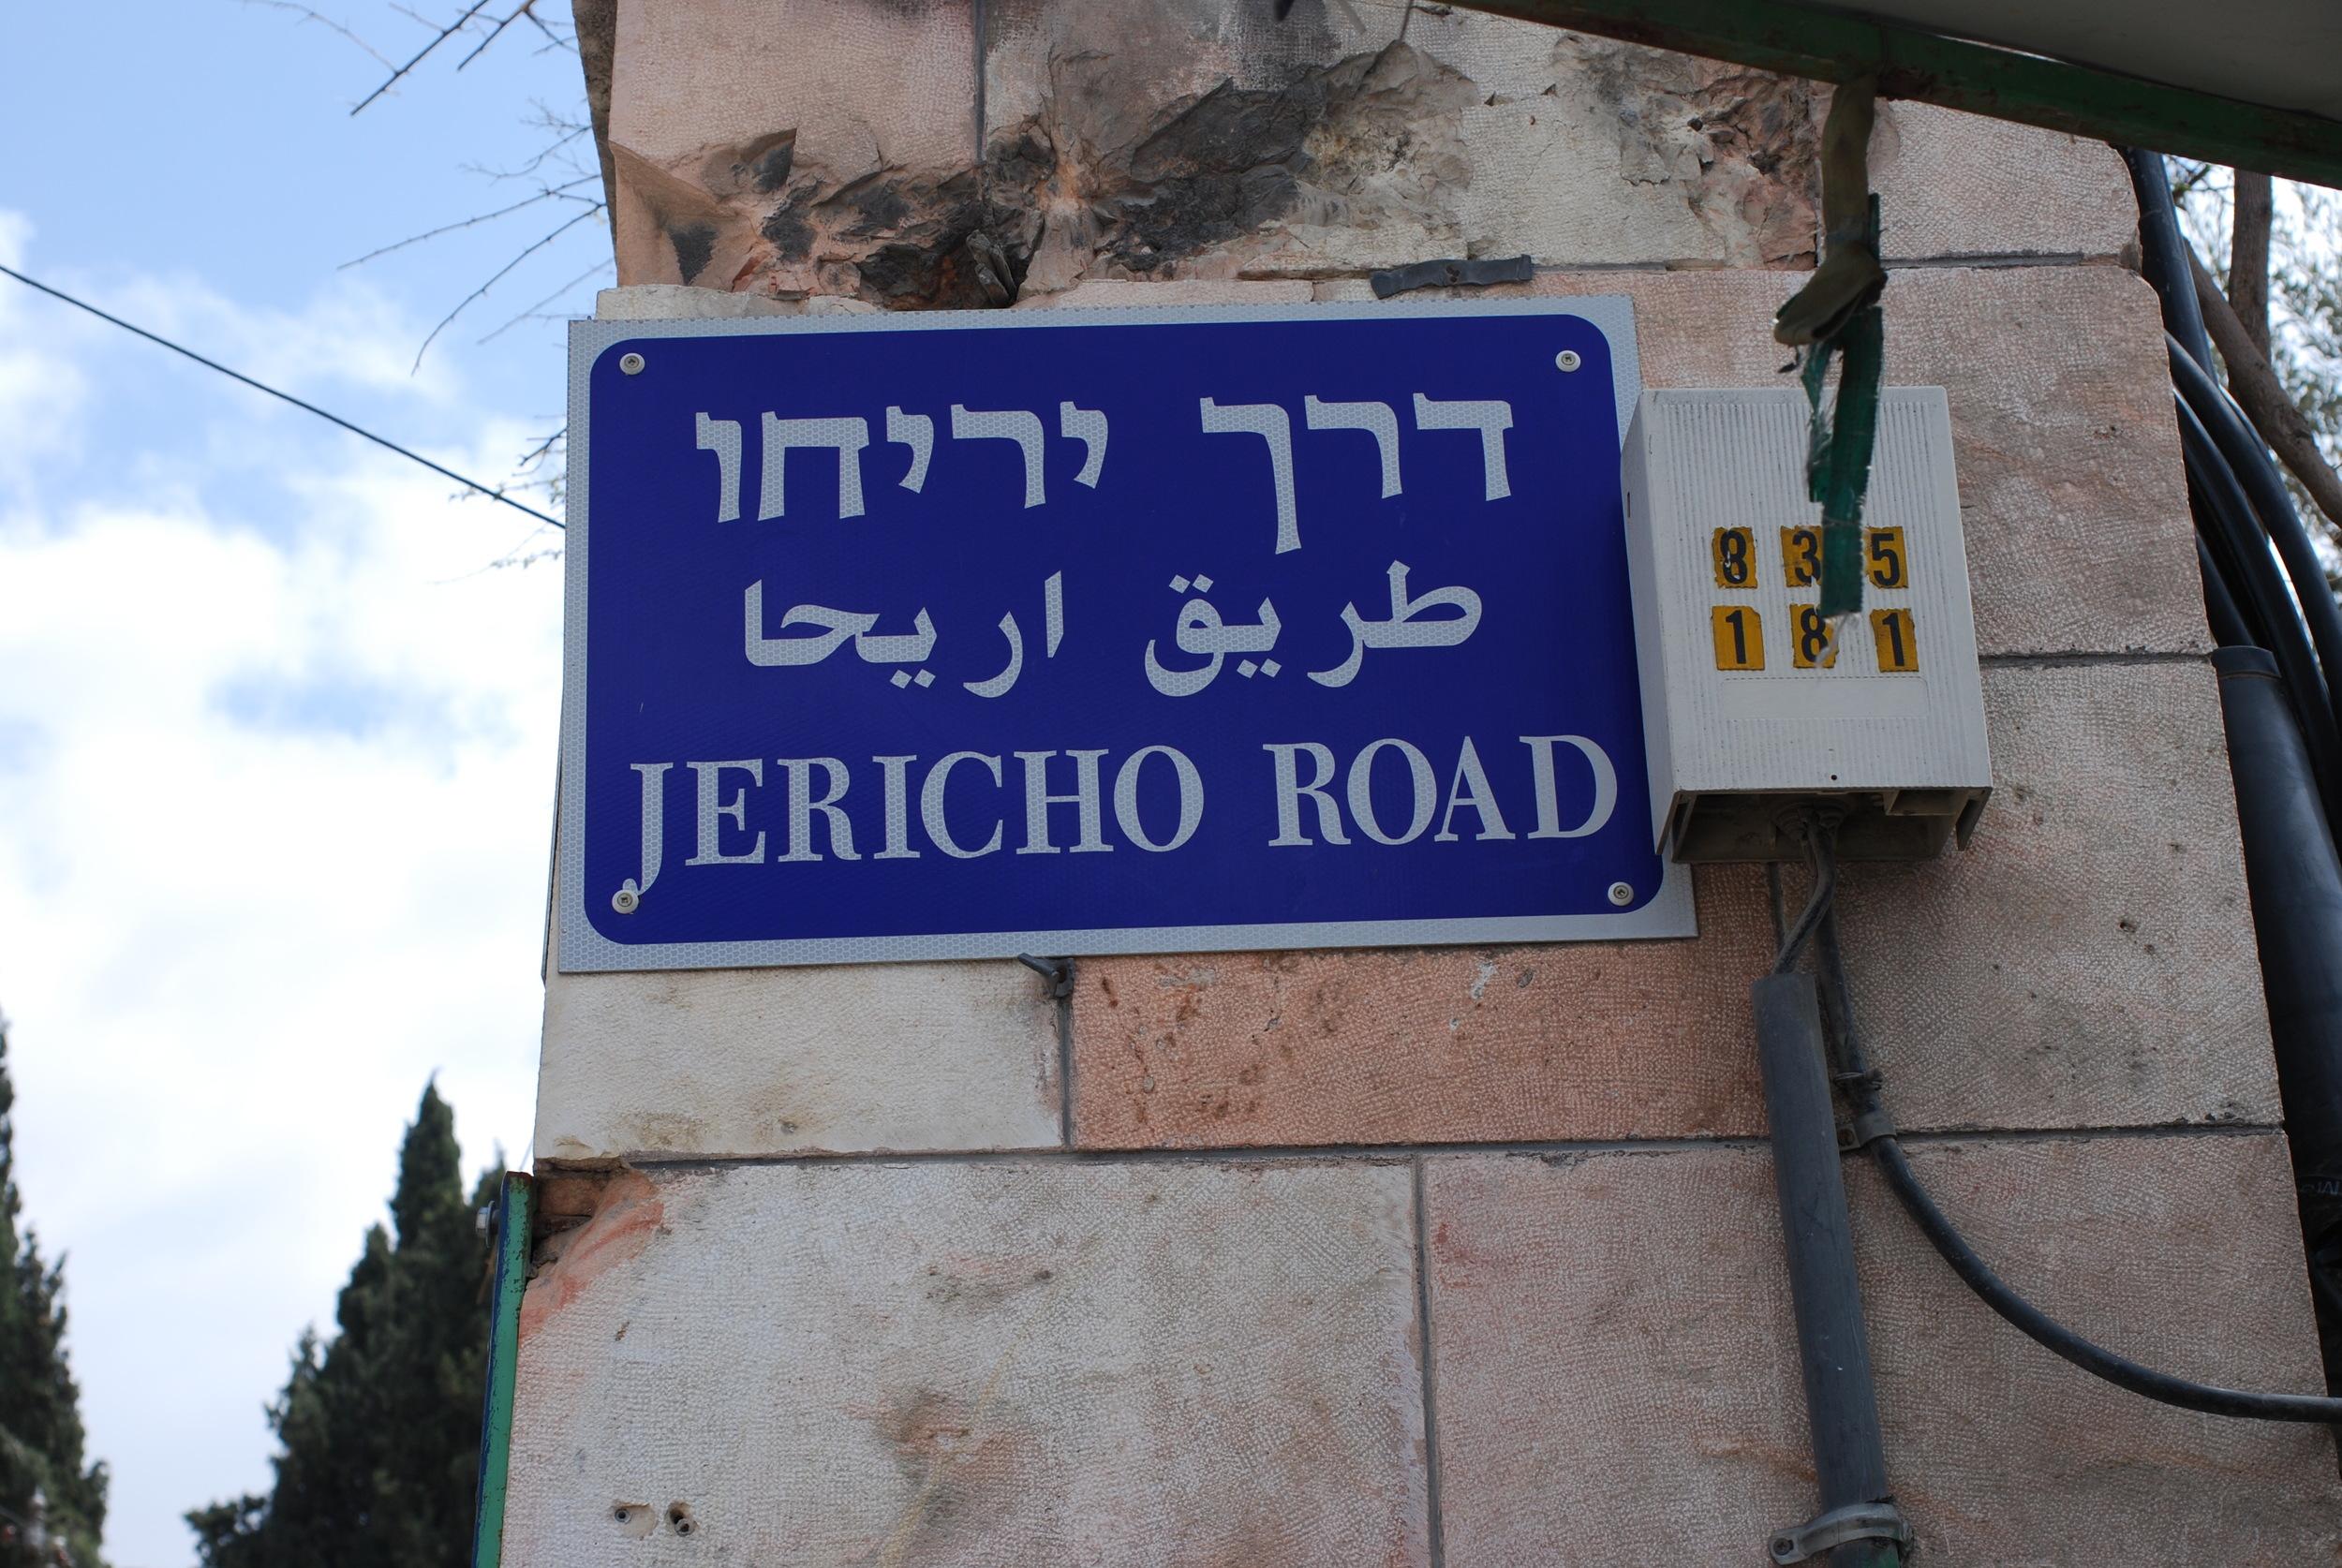 DSC_0280 - Jericho rd.JPG